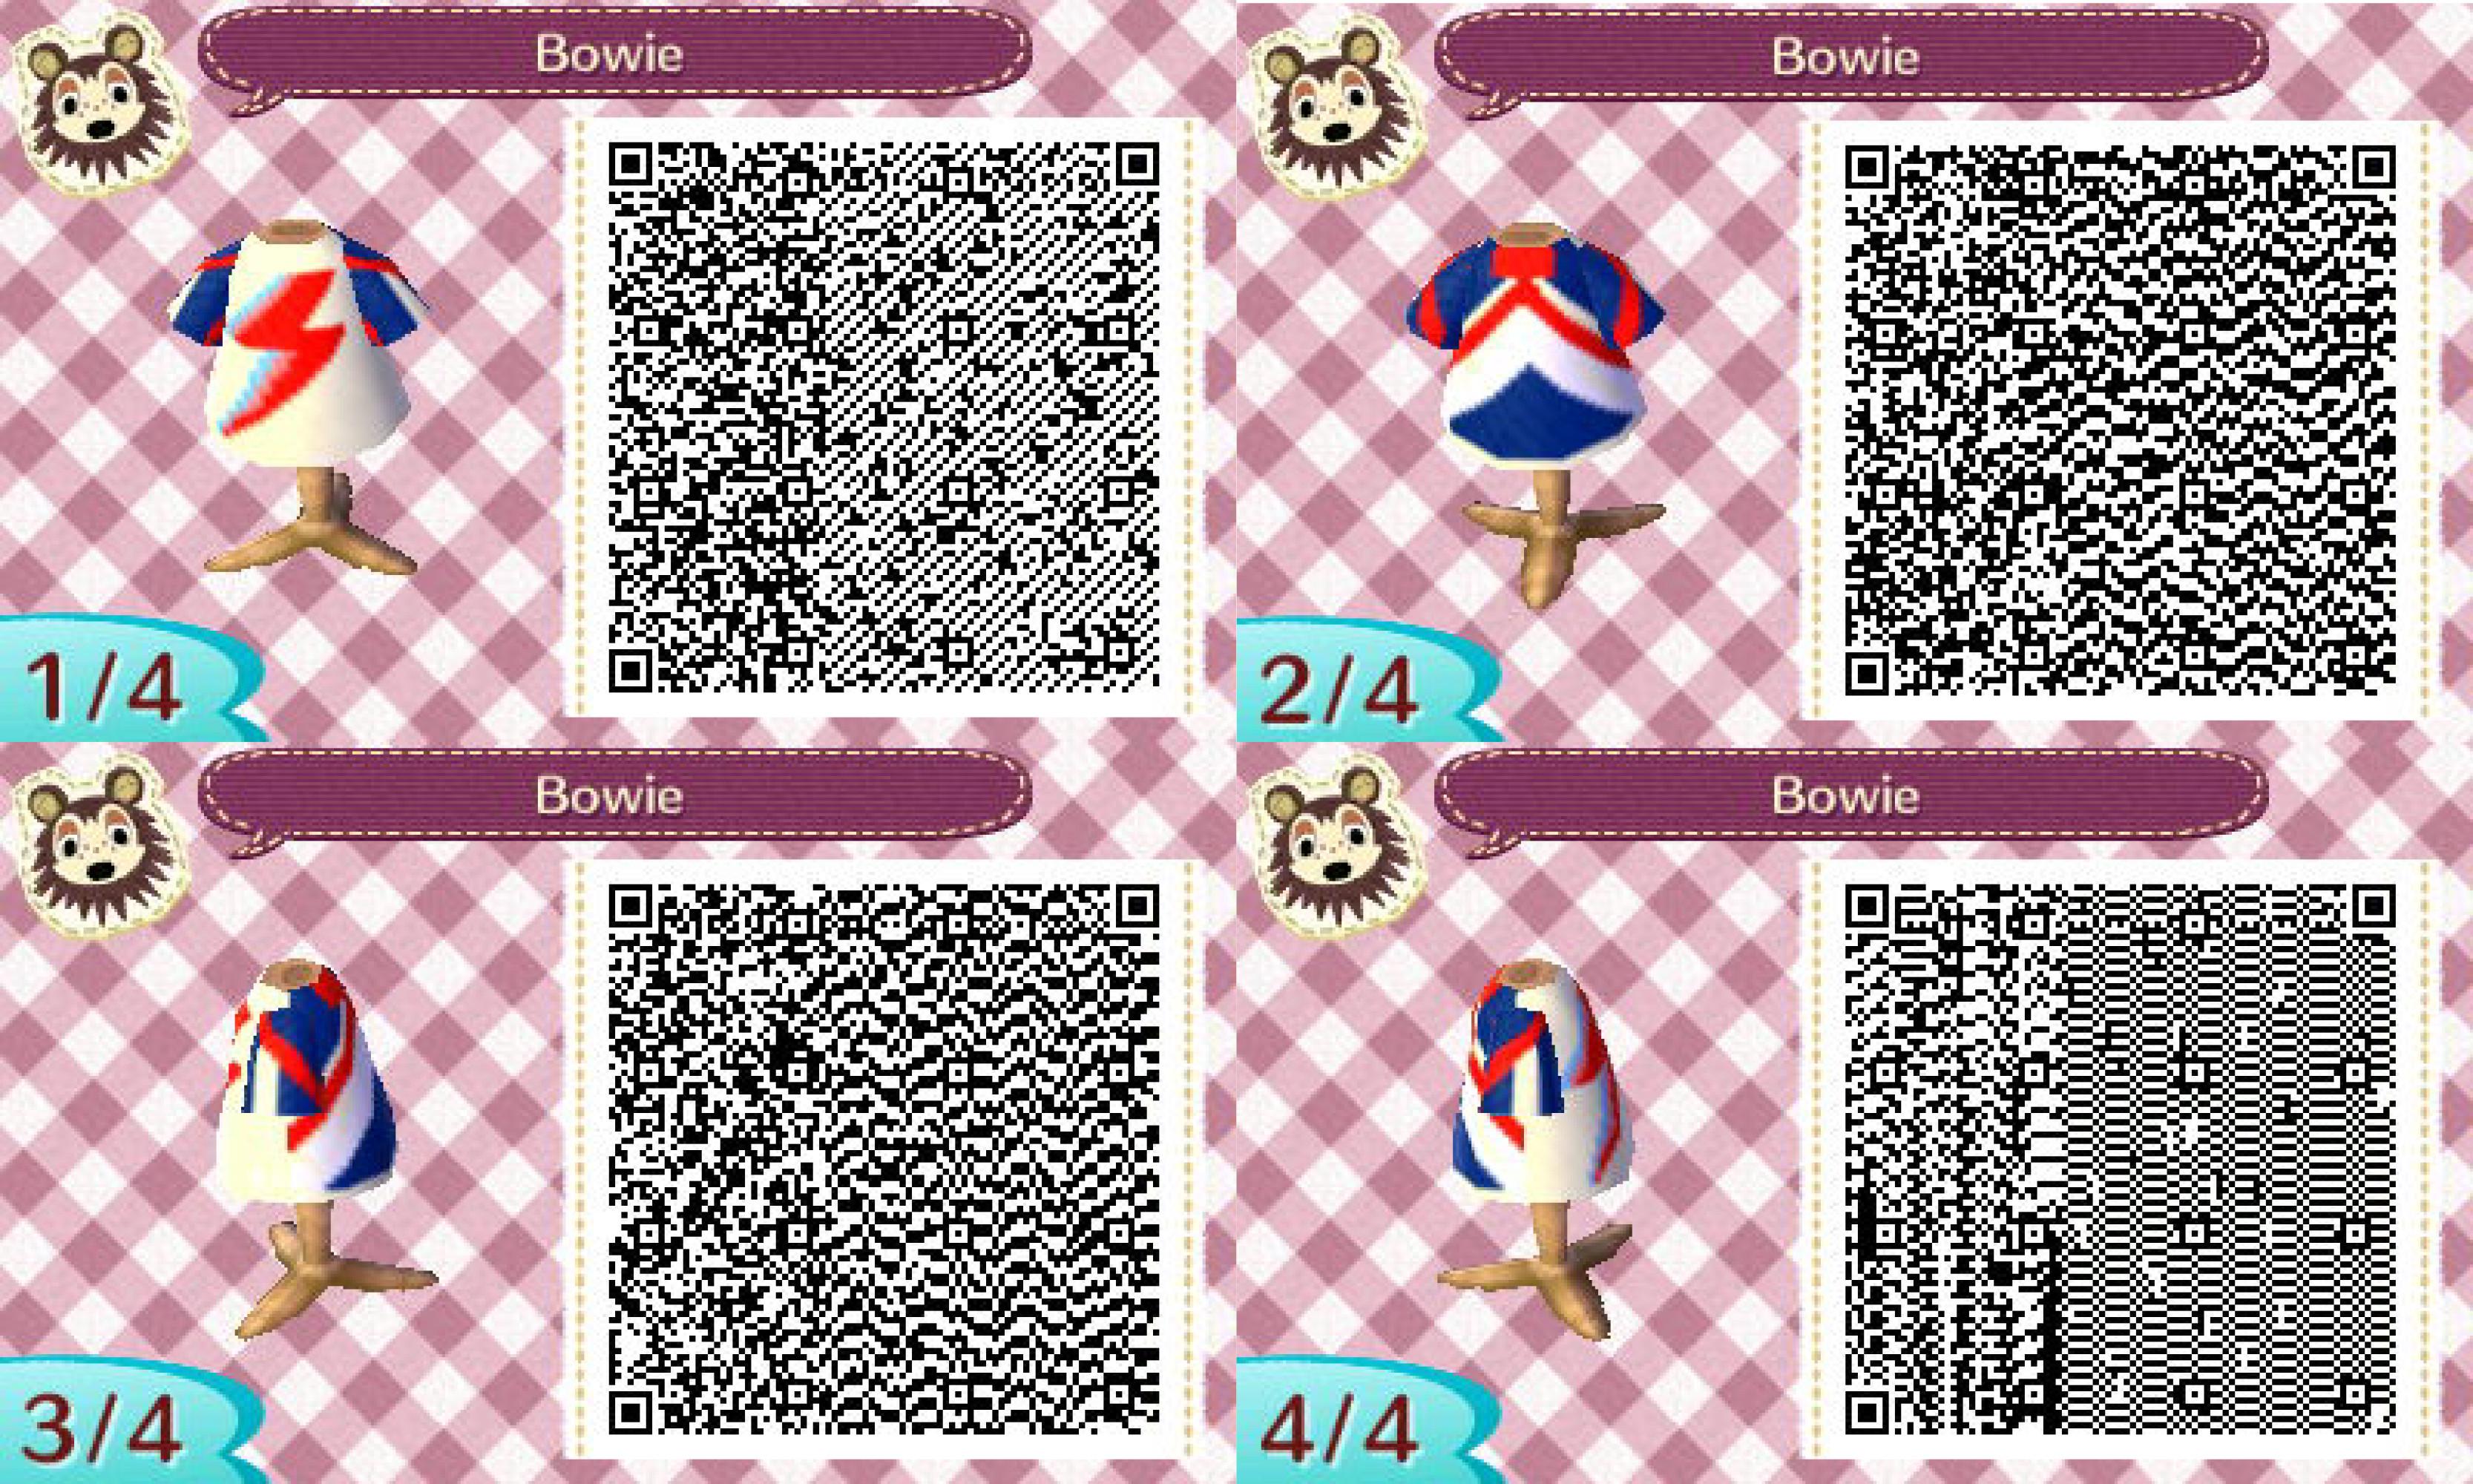 Animal Crossing New Leaf Bowie Design #acnl #animalcrossing #newleaf  #Nintendo #3DS